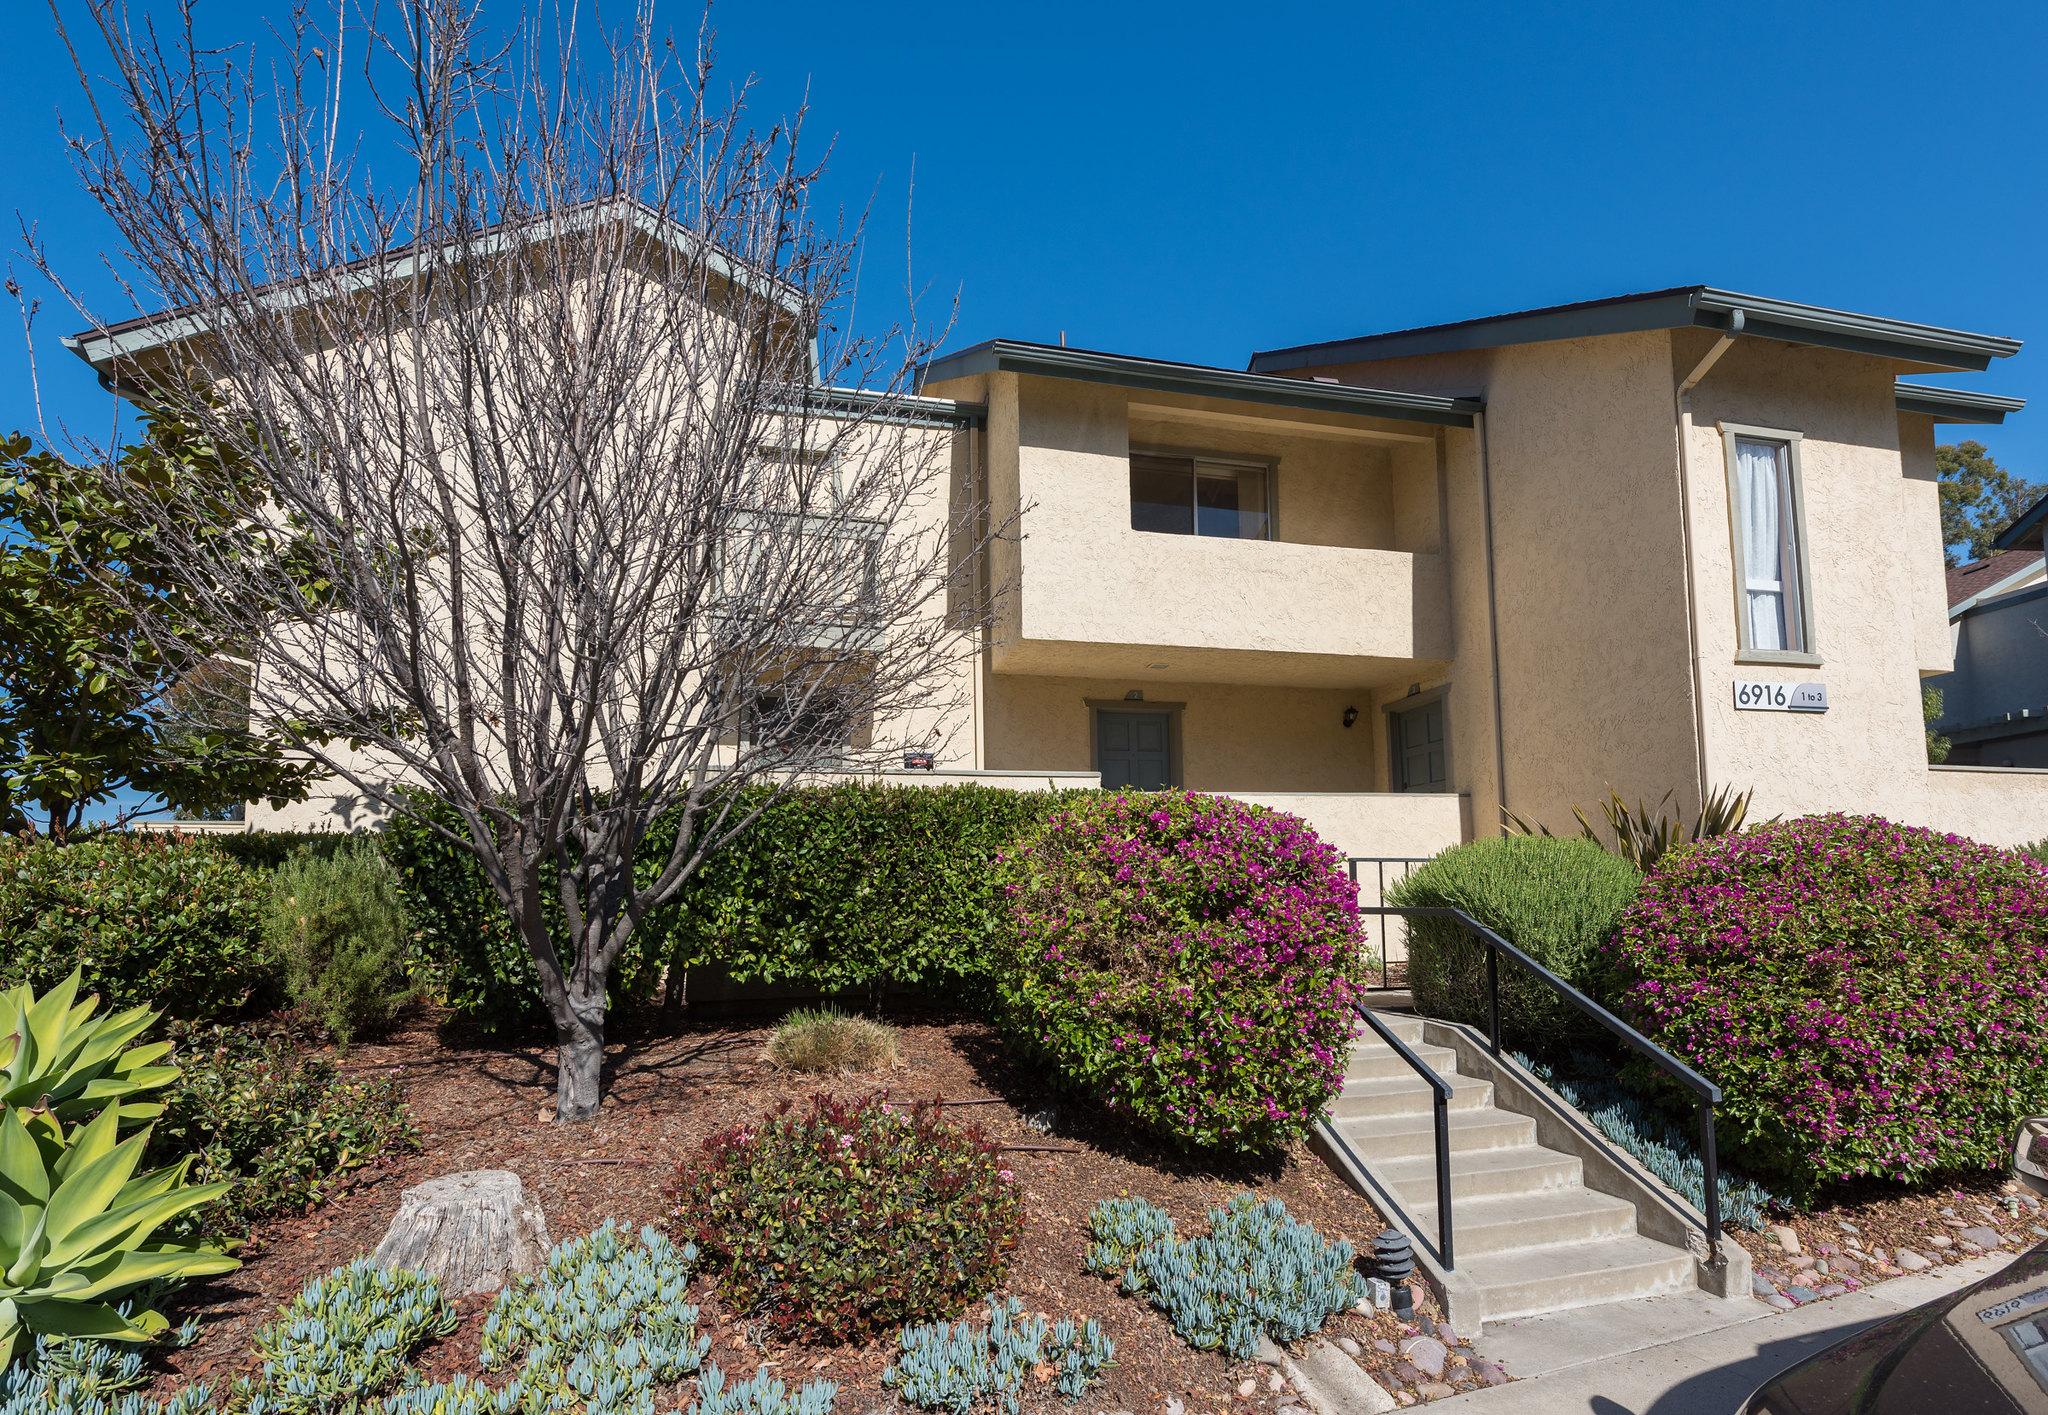 6916 Park Mesa Way #2, San Diego, CA 92111